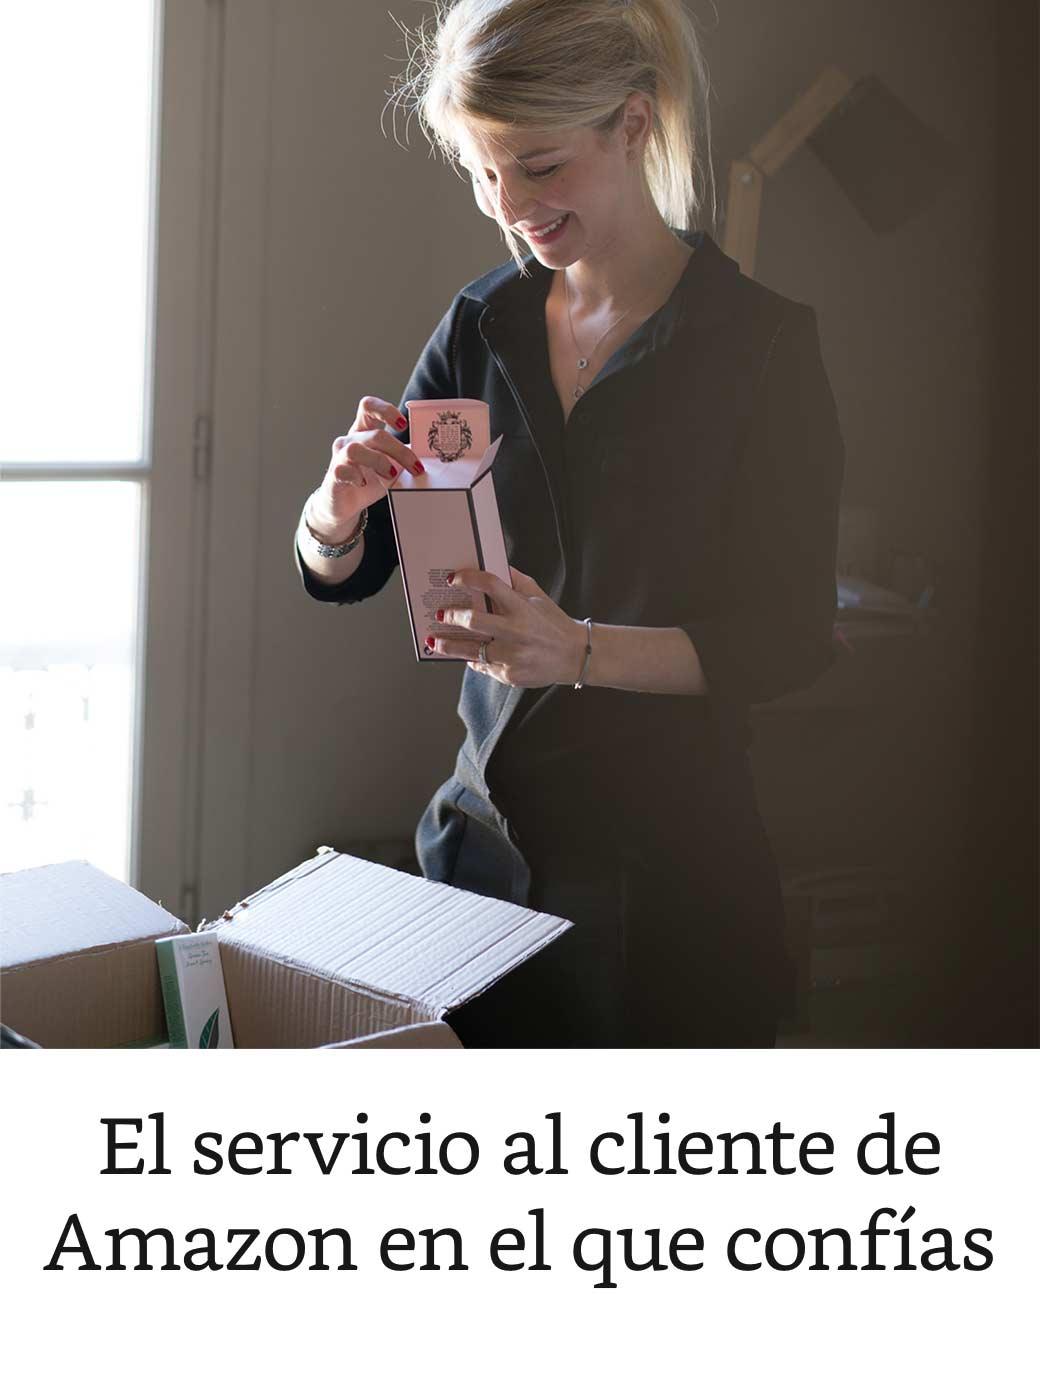 El servicio al cliente de Amazon en el que confias